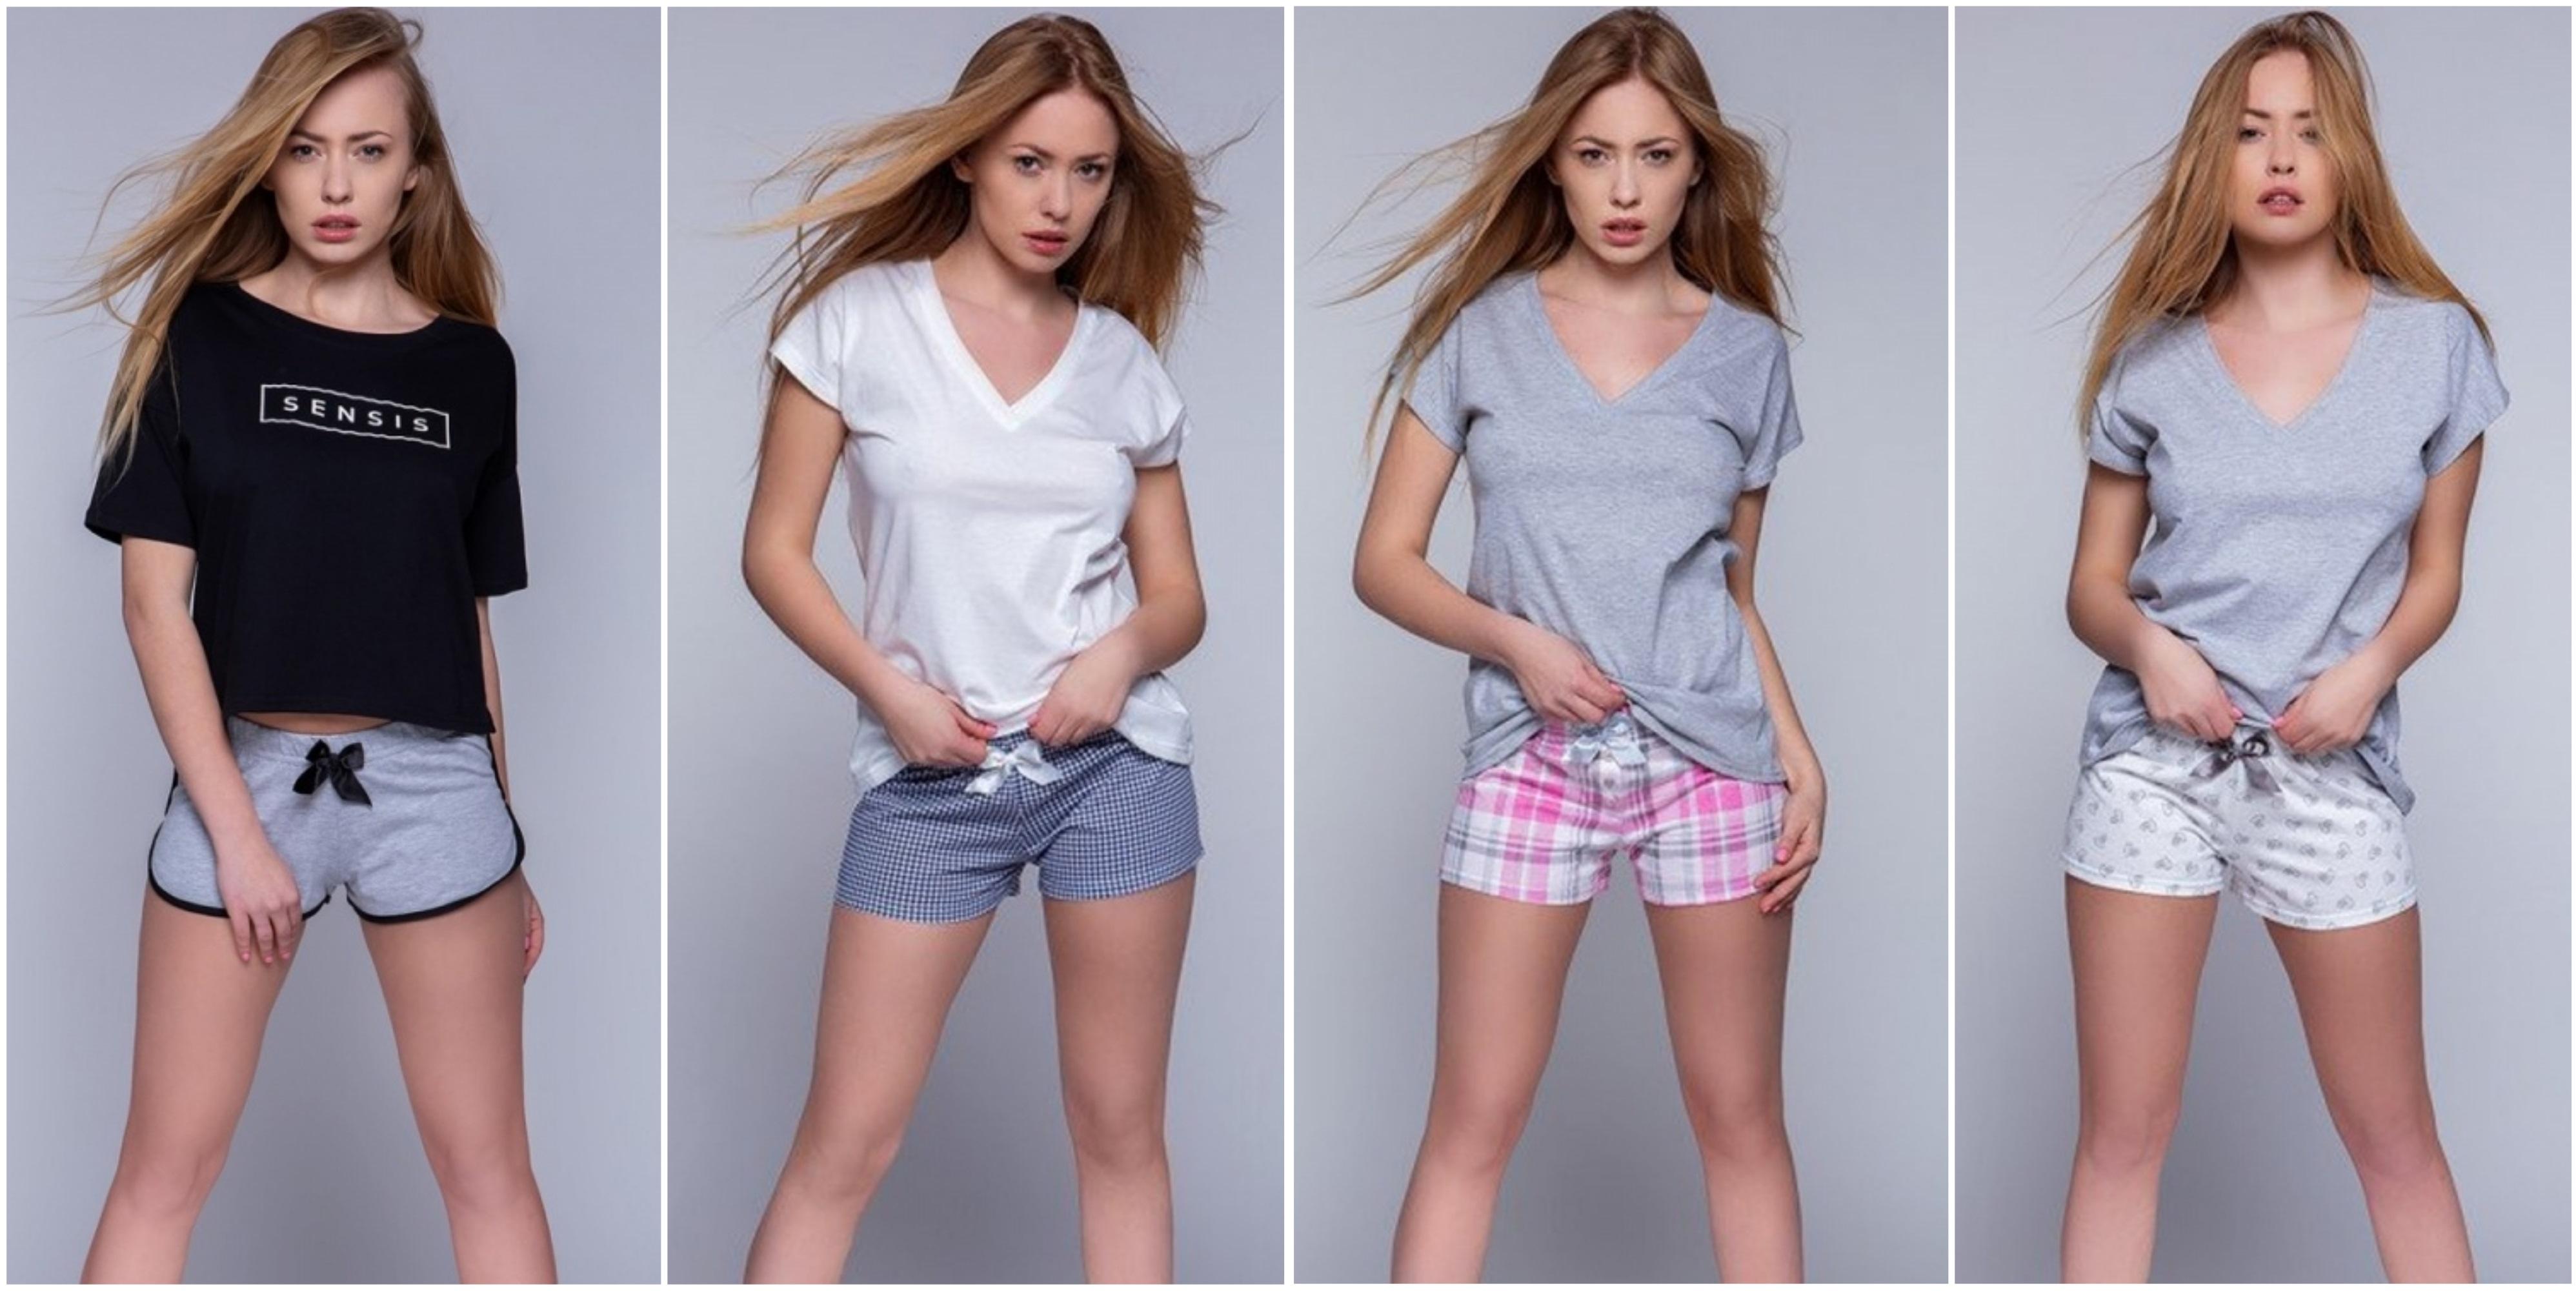 Sensis женские пижамы купить